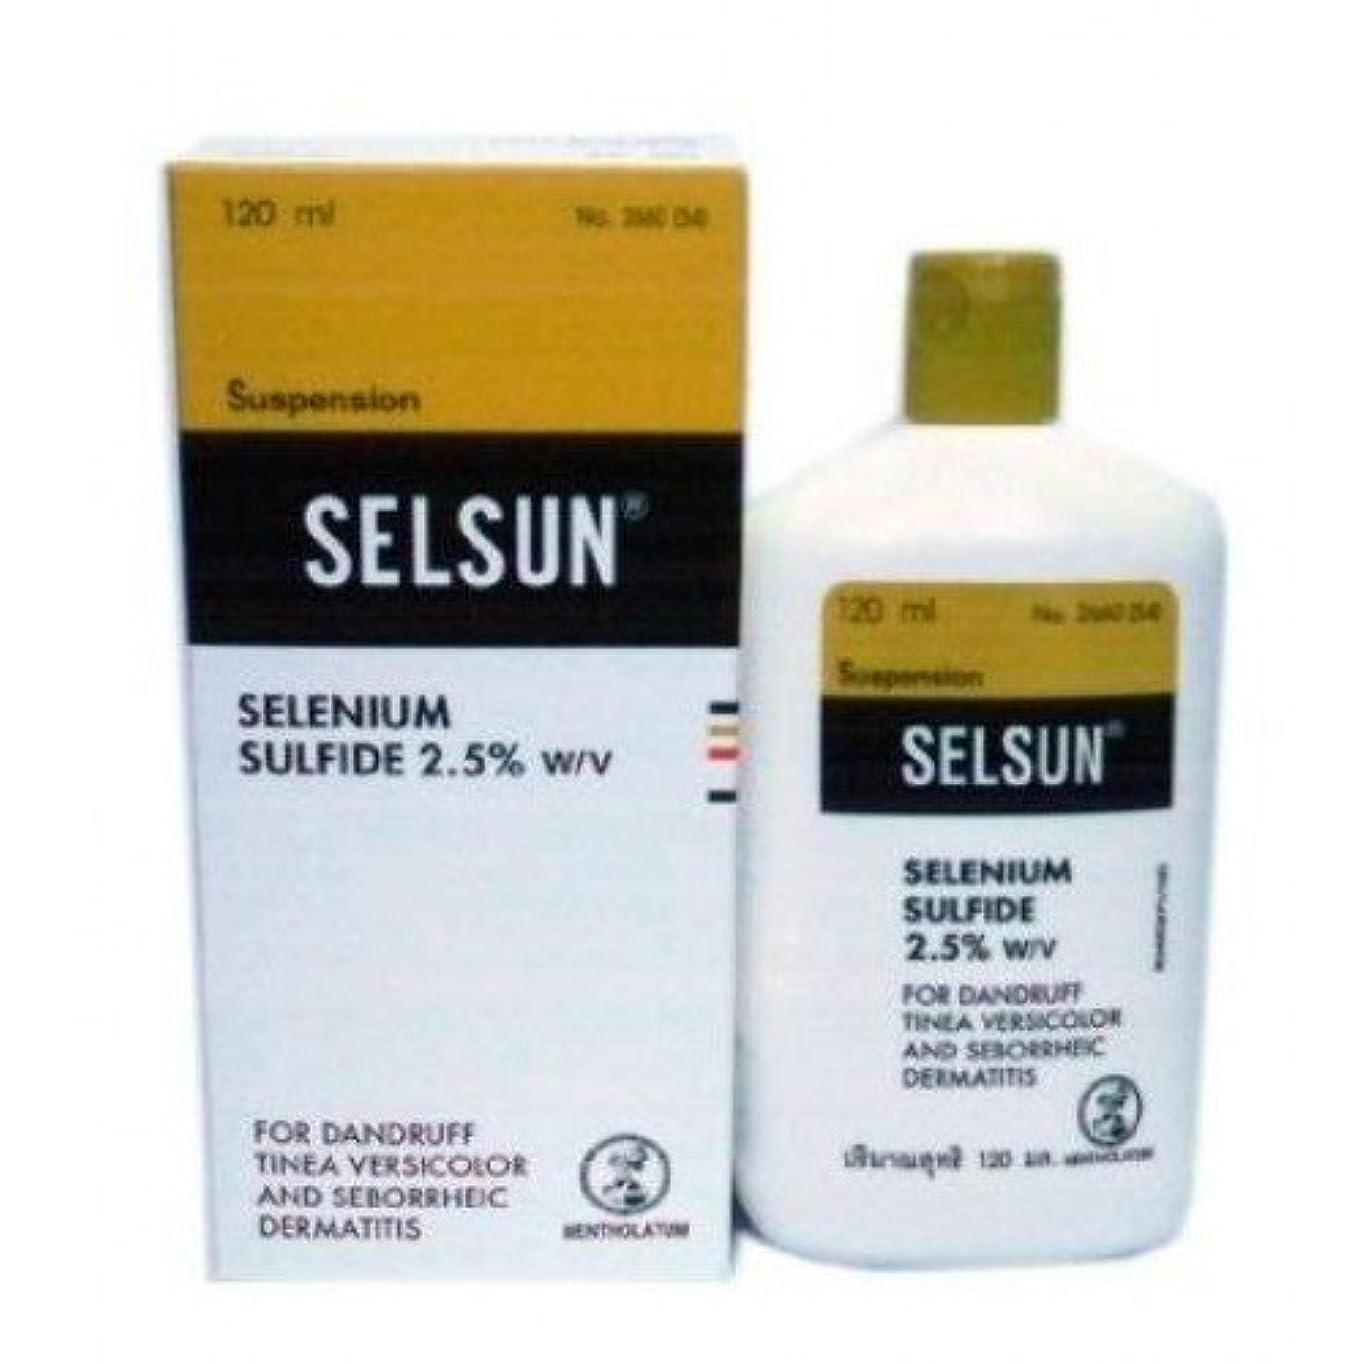 自分自身泣く切り刻むSELSUN anti-dandruff shampoo 120ml  セルサン シャンプー